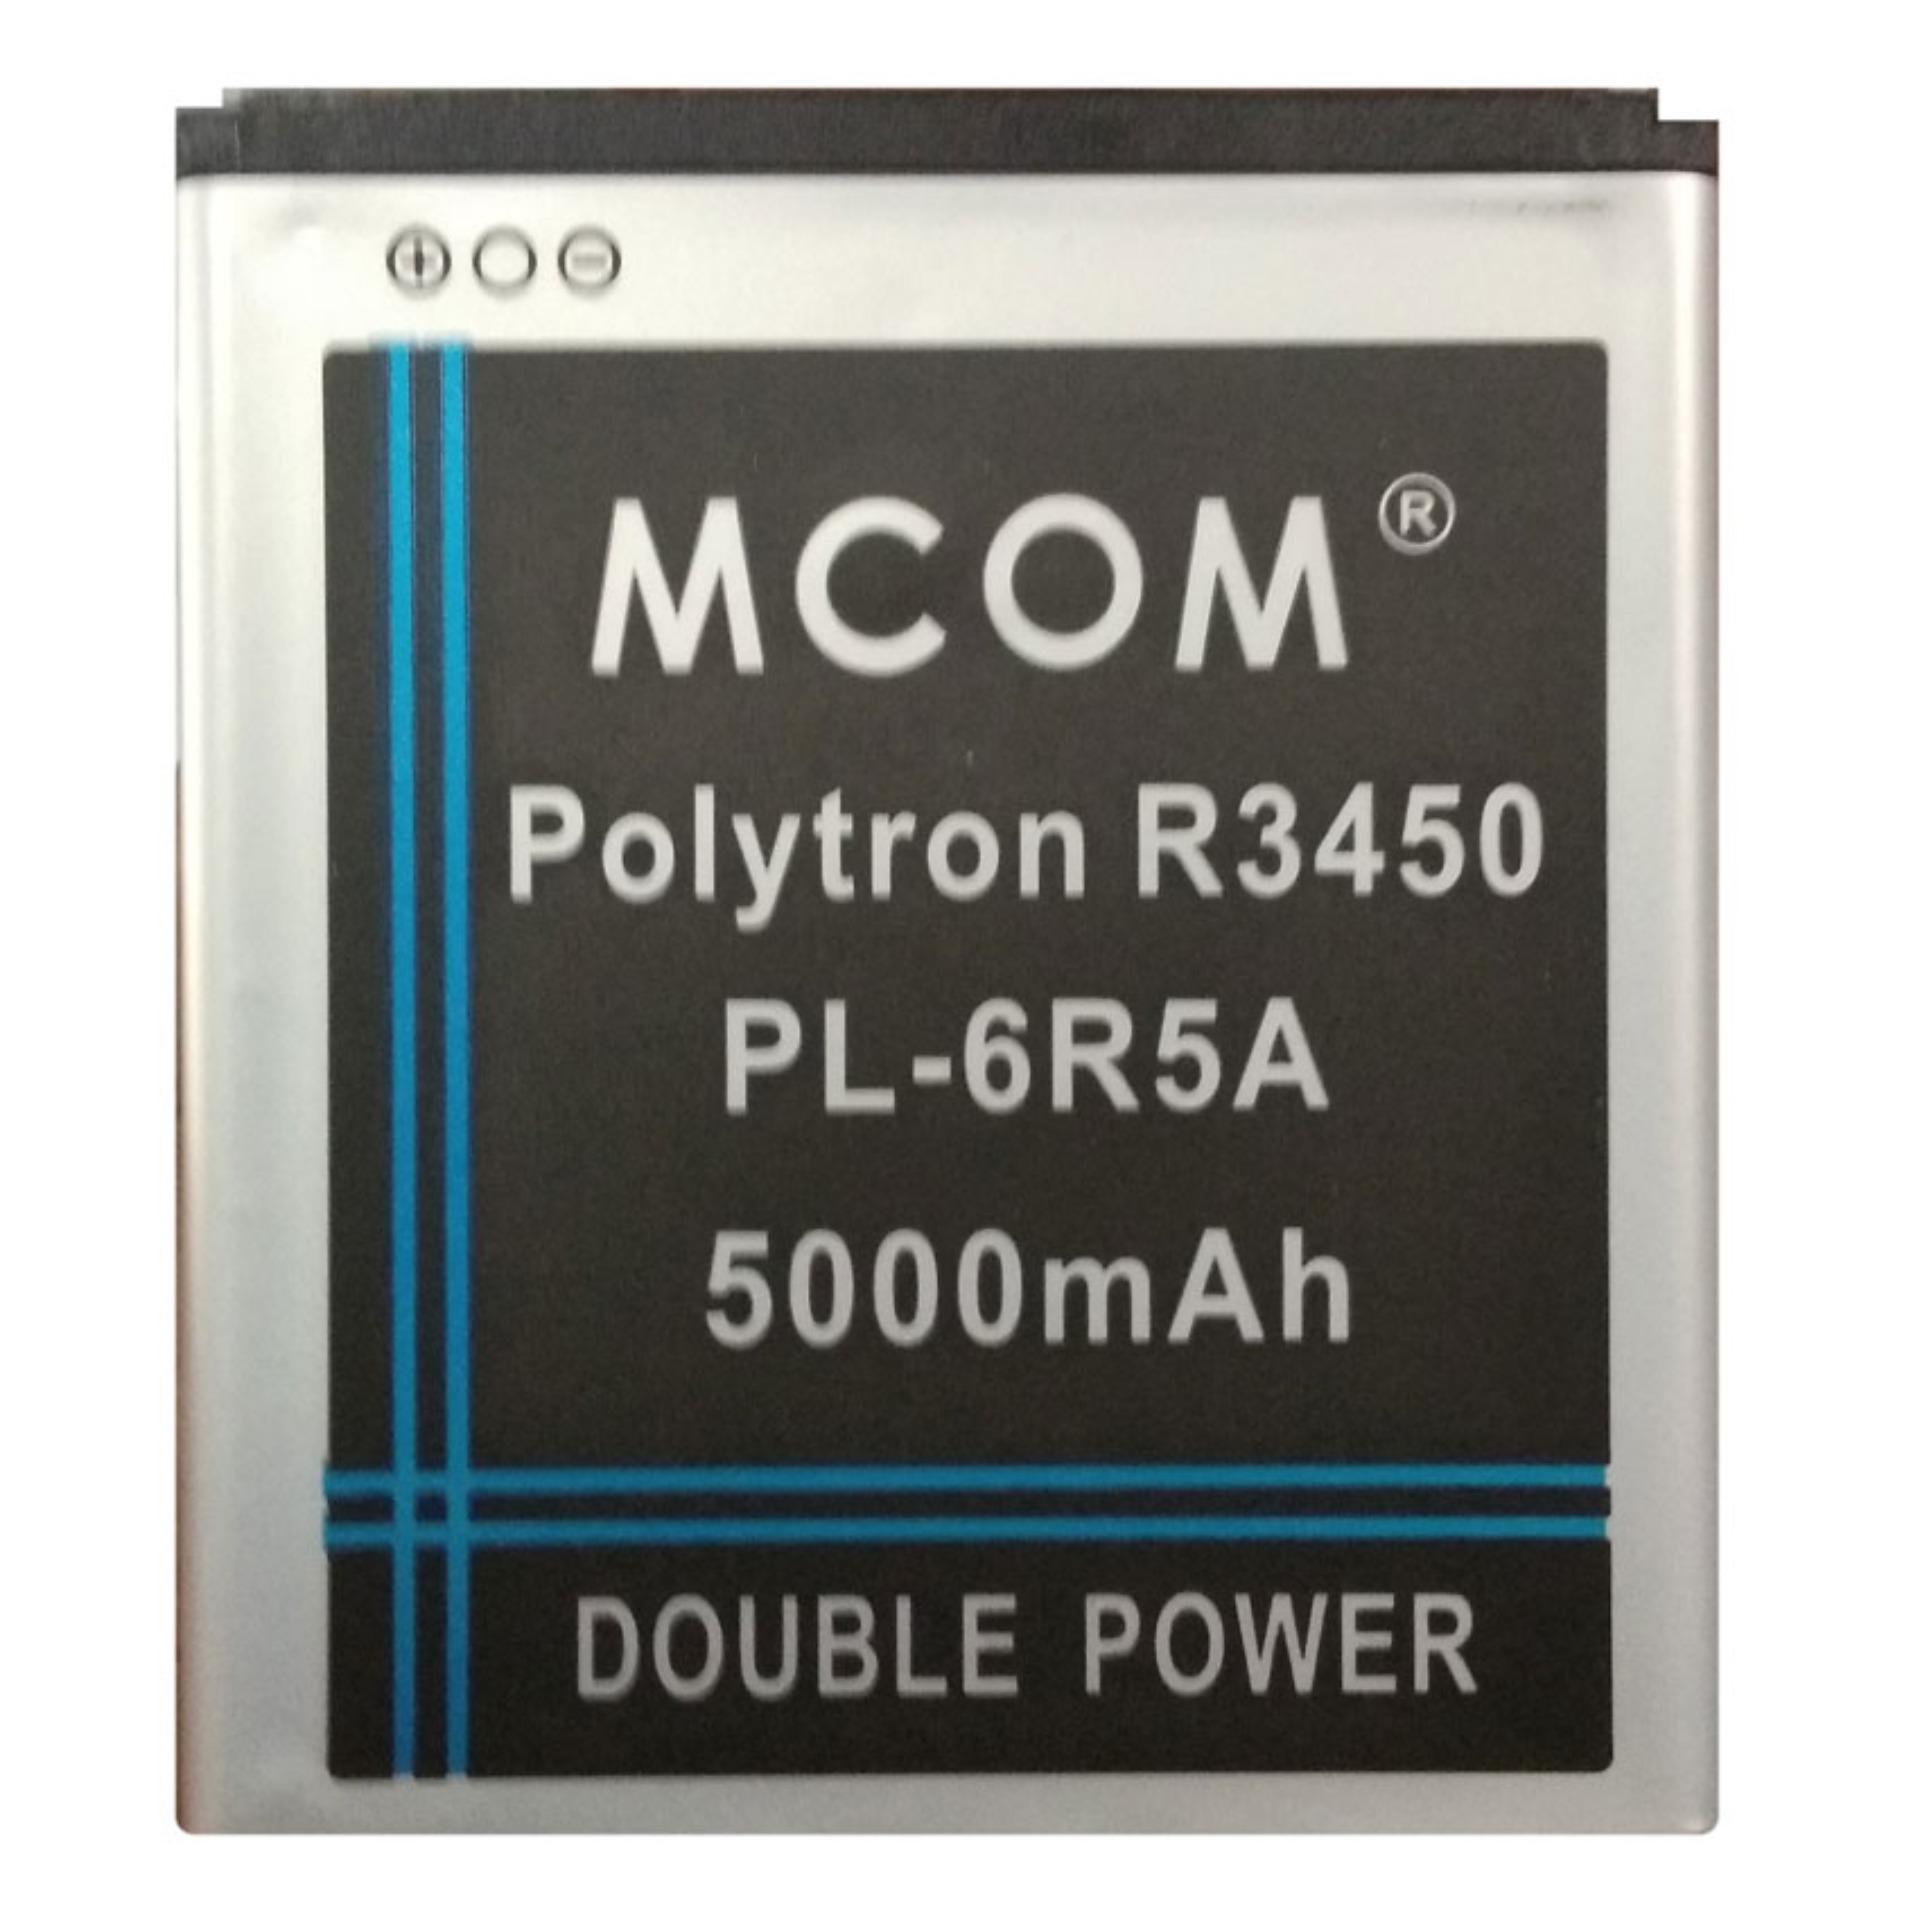 M-Com Baterai Double Power Battery for Polytron R3450 / PL-6R5A - 5000 mAh